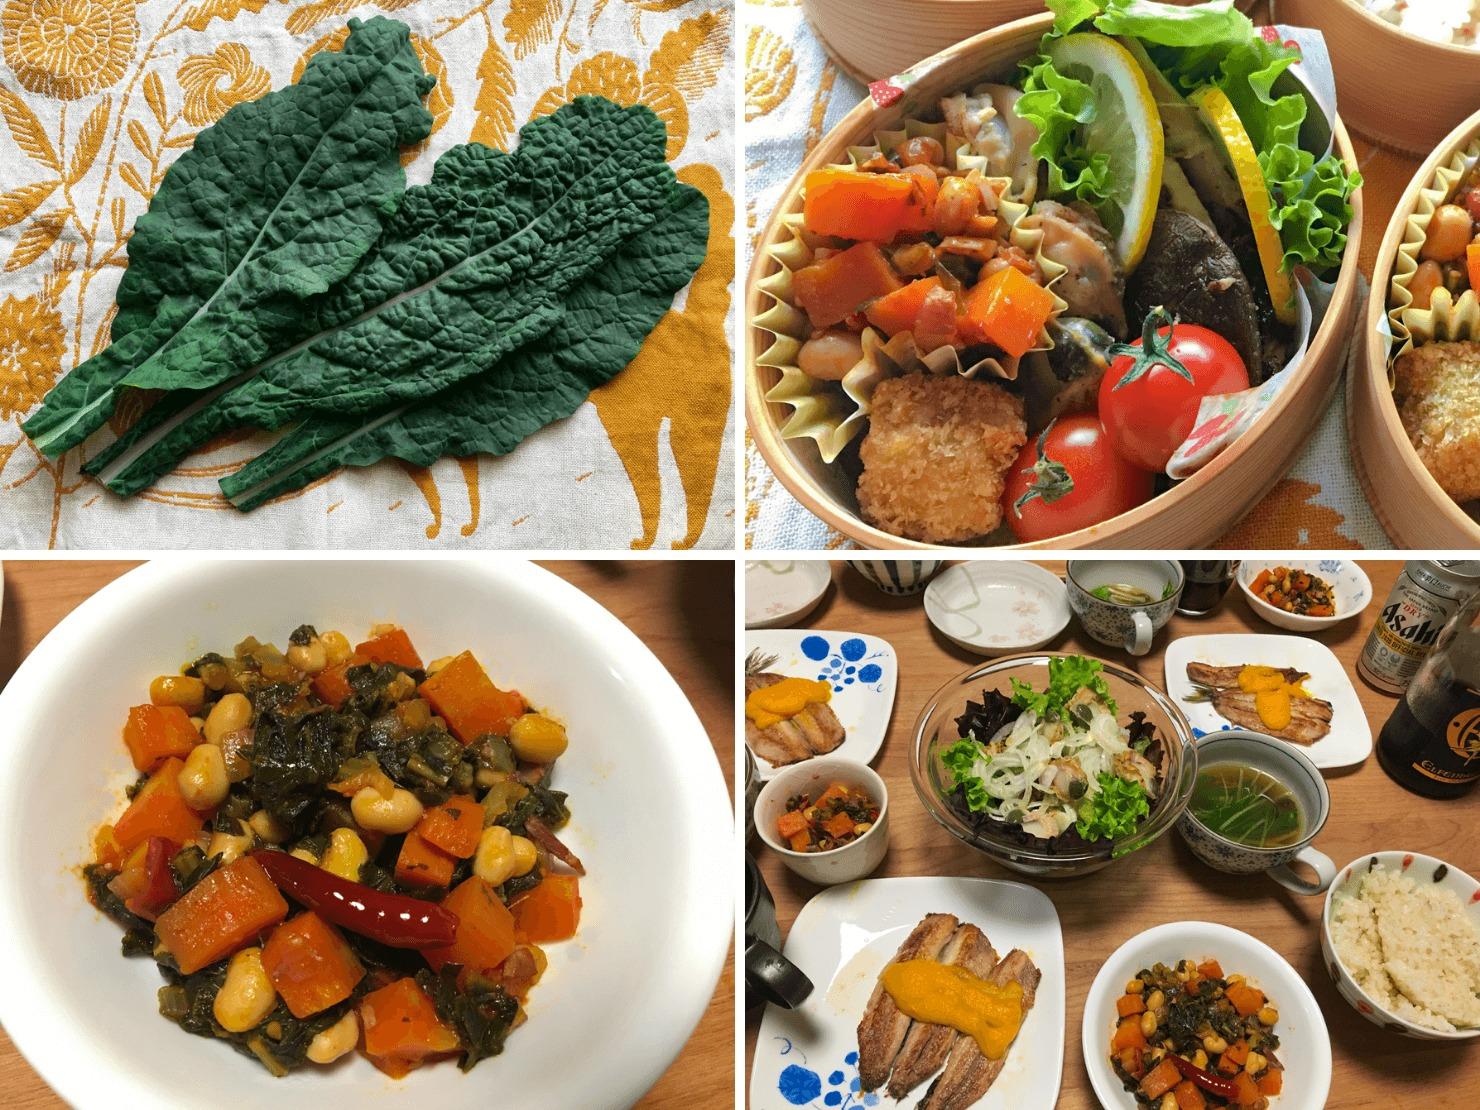 コールラビのサラダやコールラビの写真